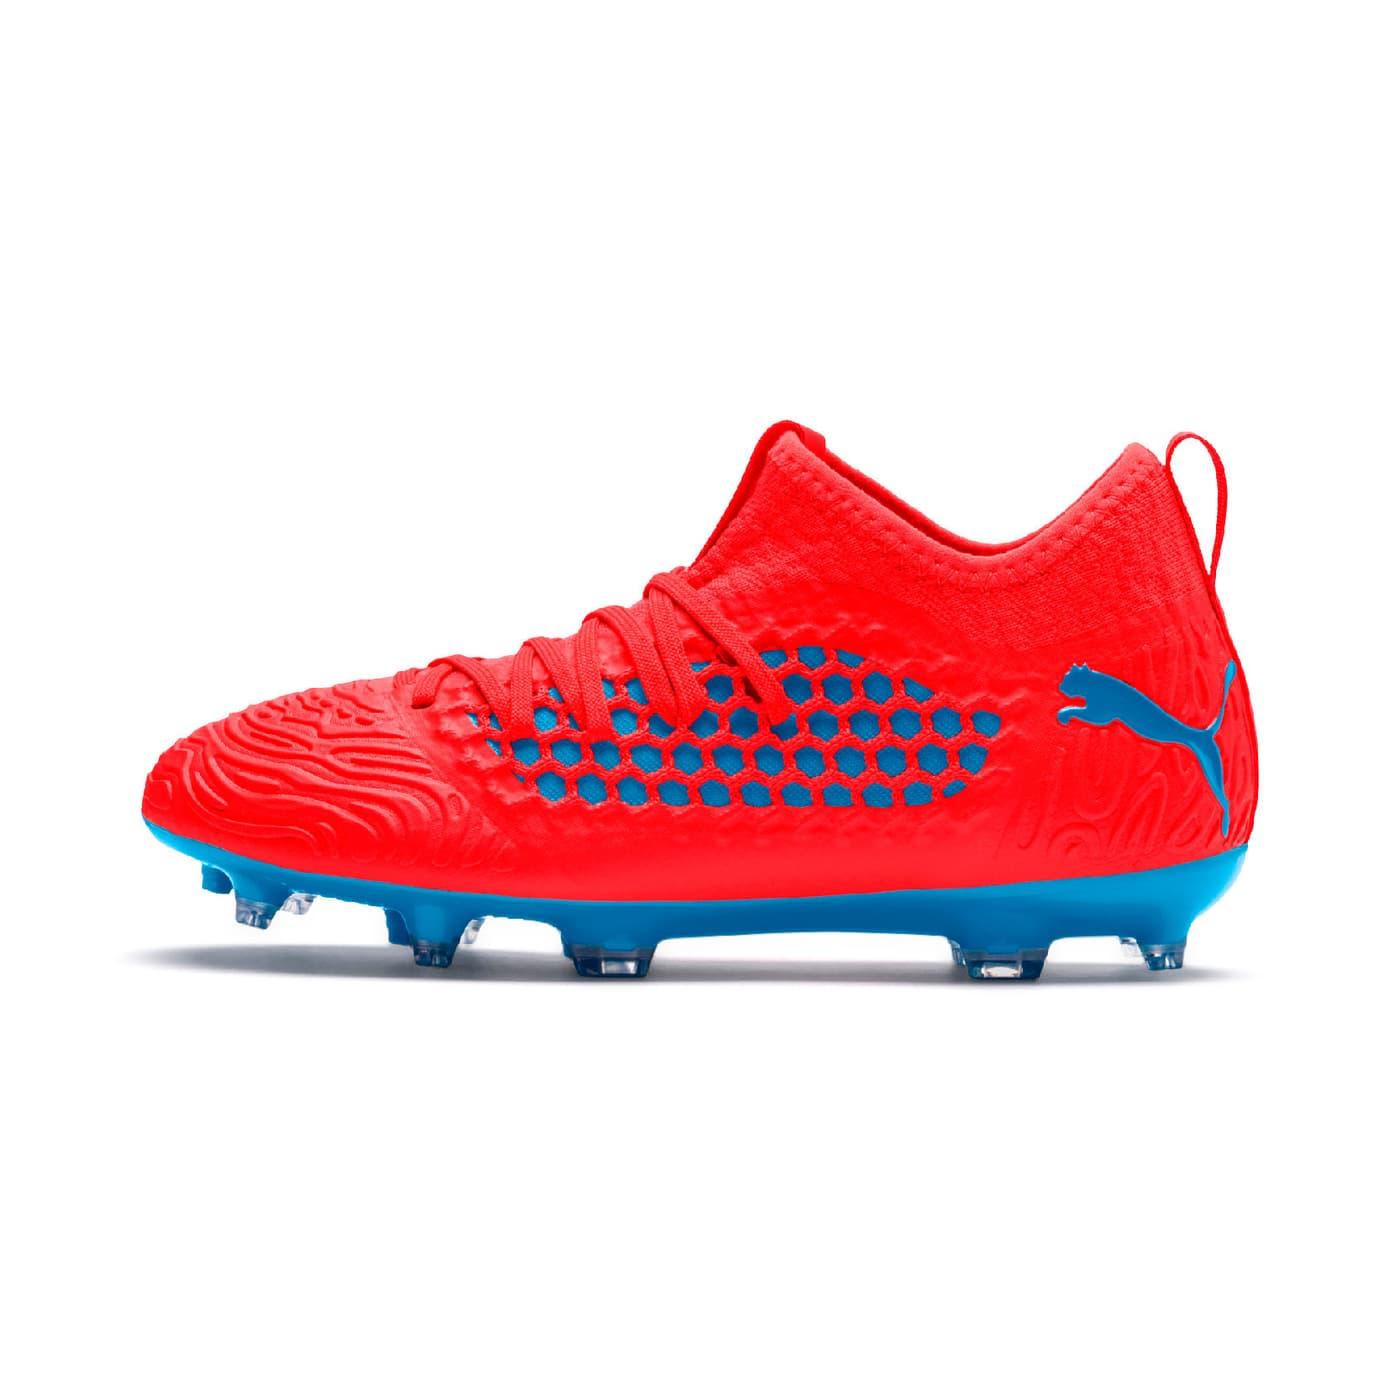 251191f0648fc Puma Future 19.3 FG Chaussures de football pour enfant ...